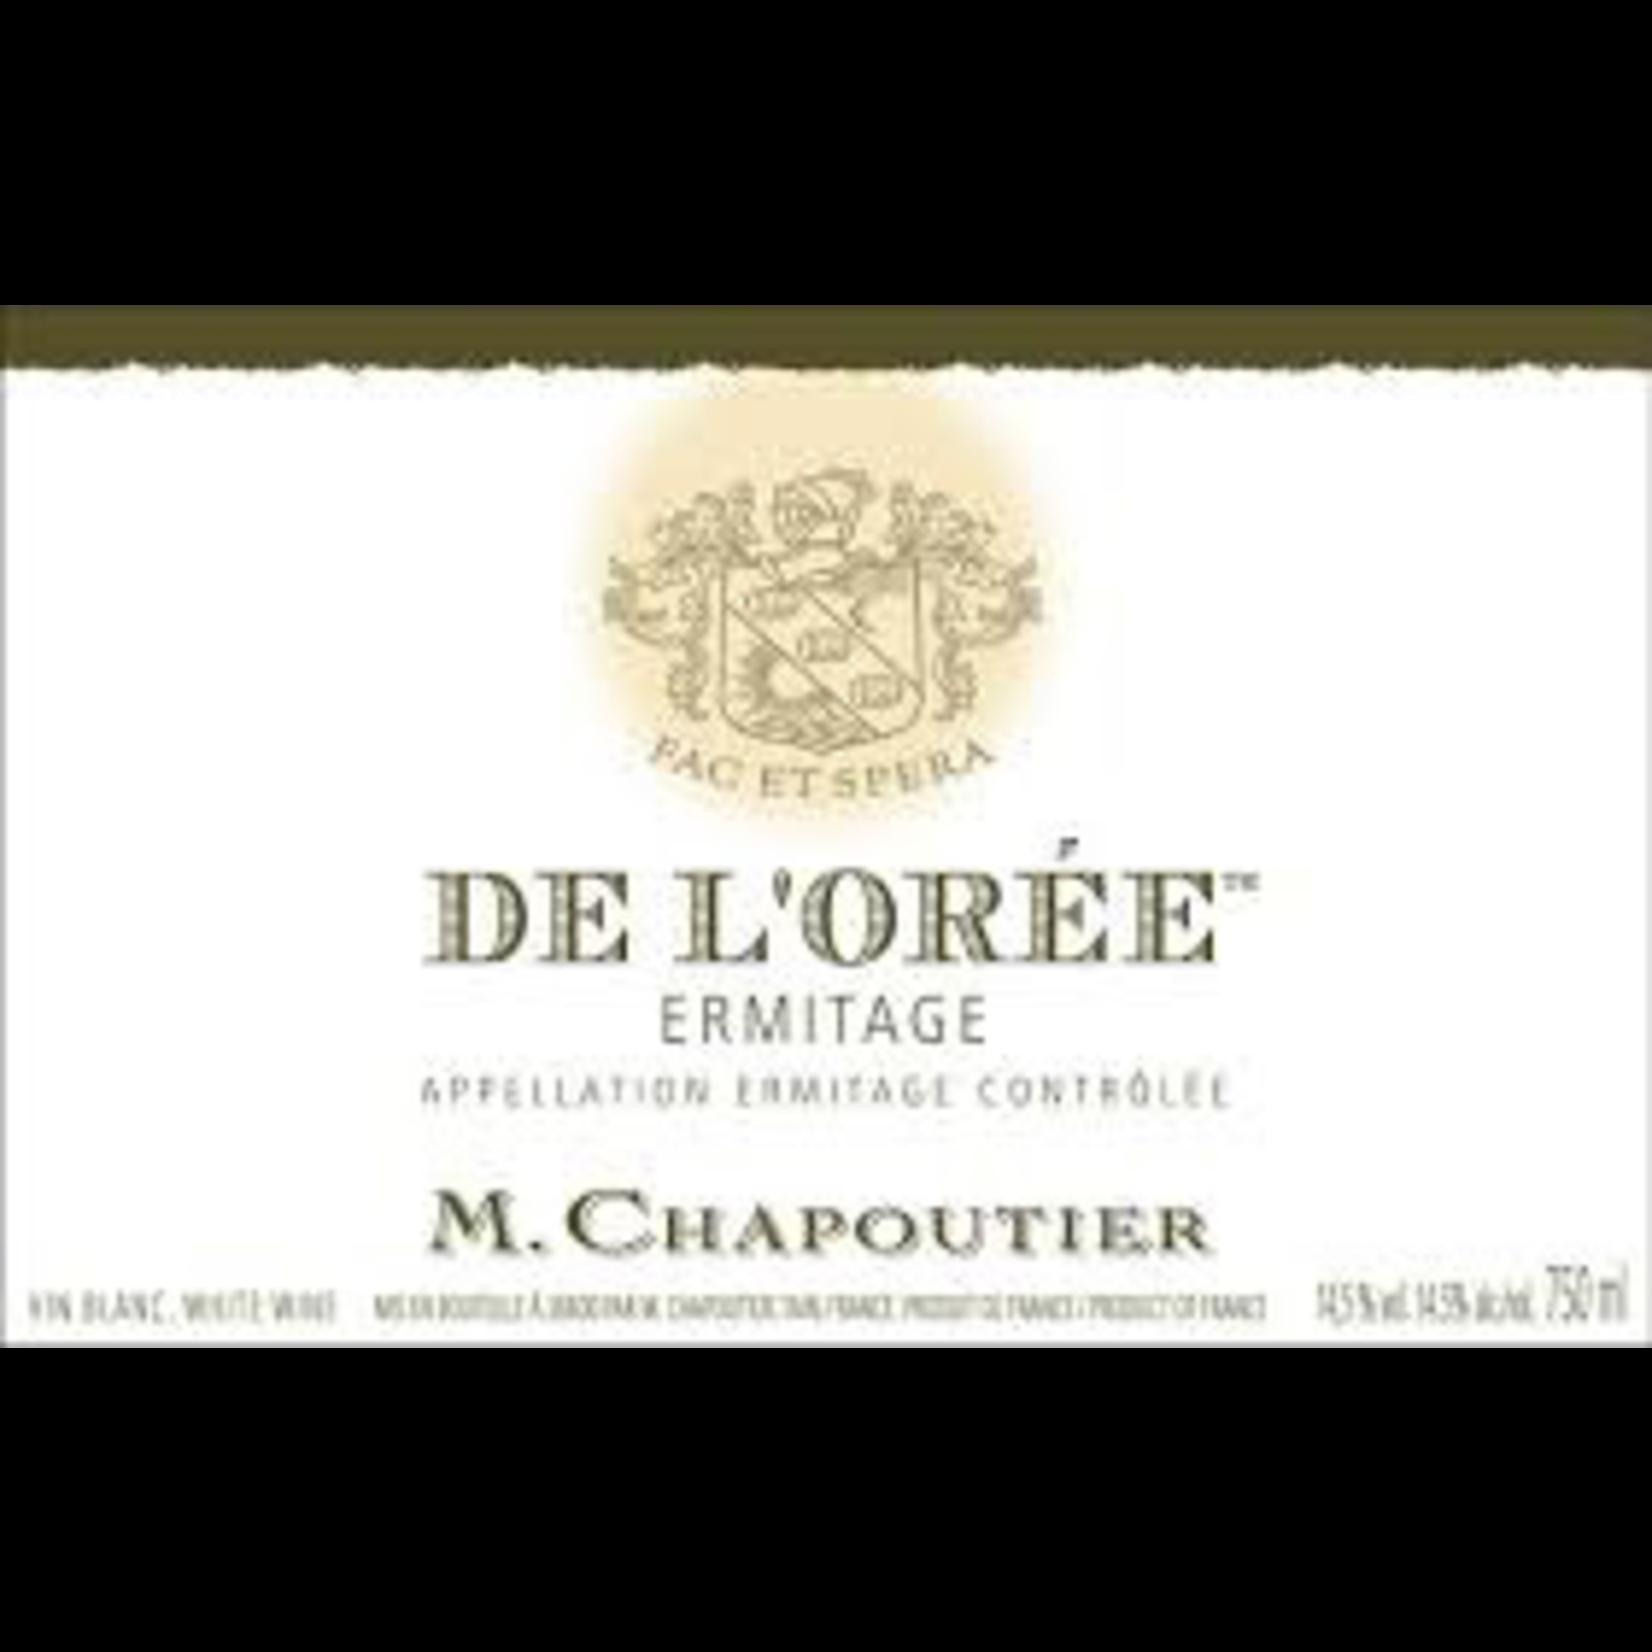 Wine Chapoutier Ermitage Blanc de l'Oree 1999 owc